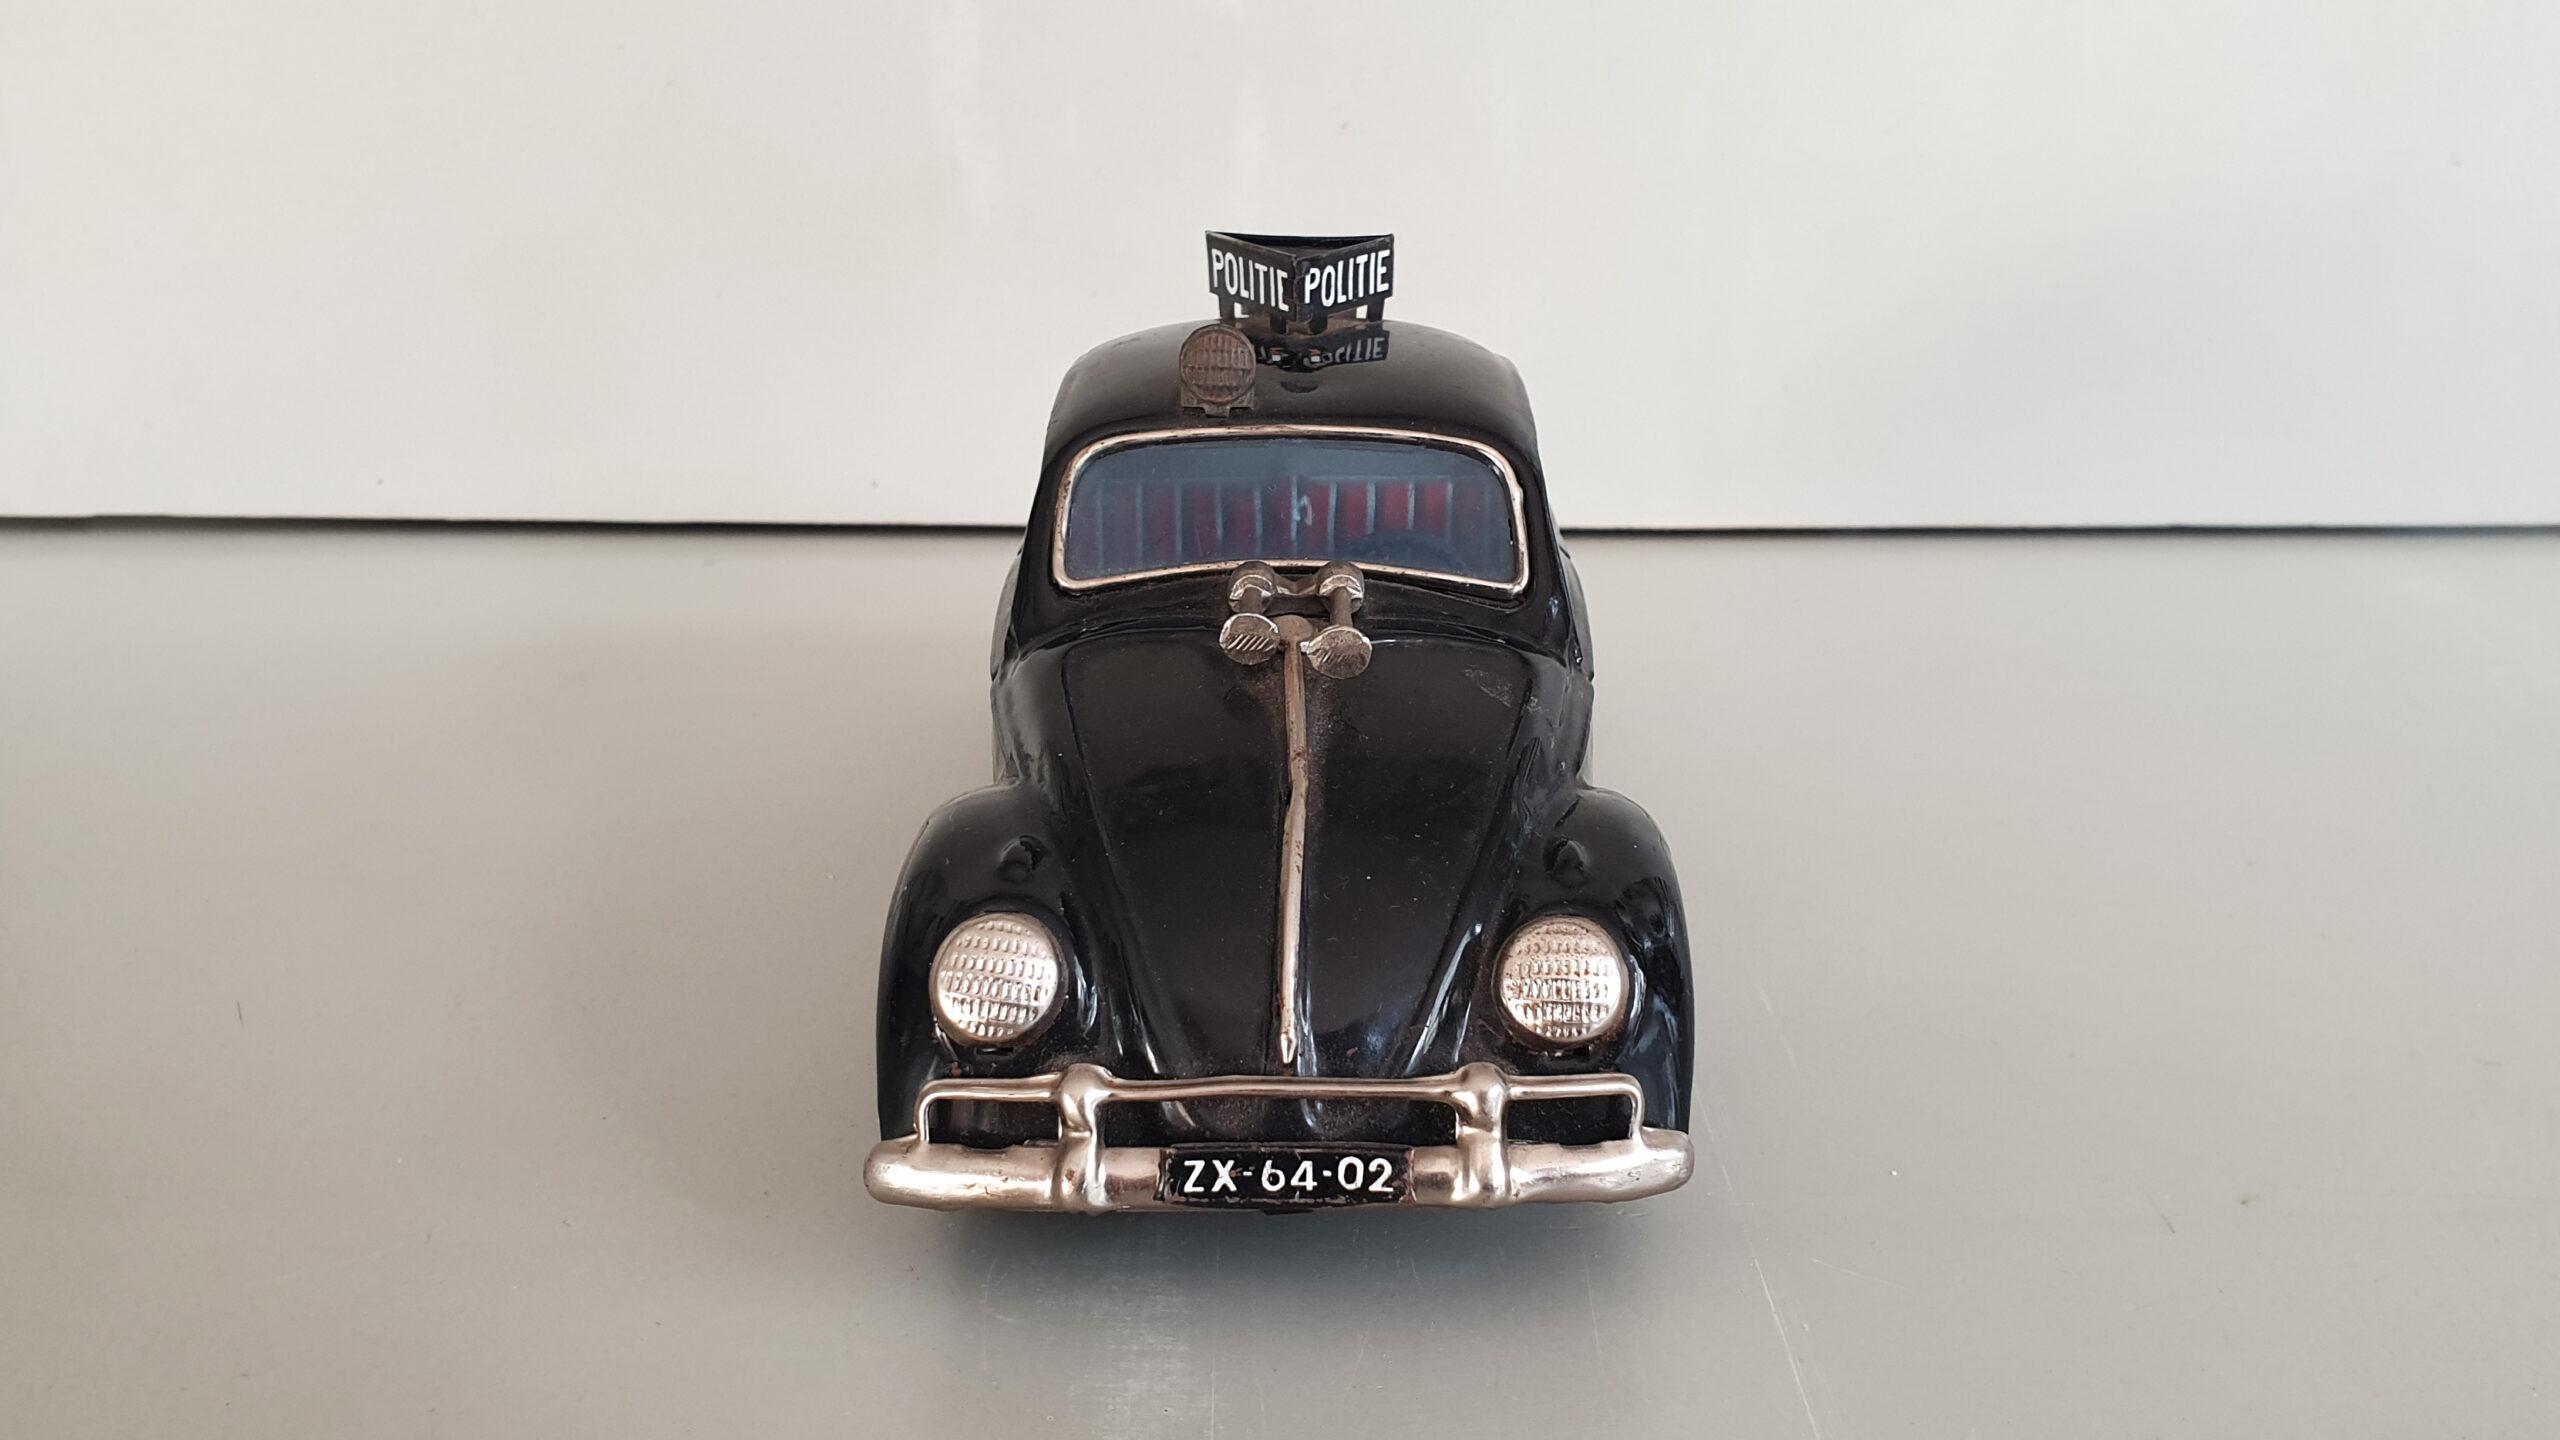 Volkswagen politieauto voorkant